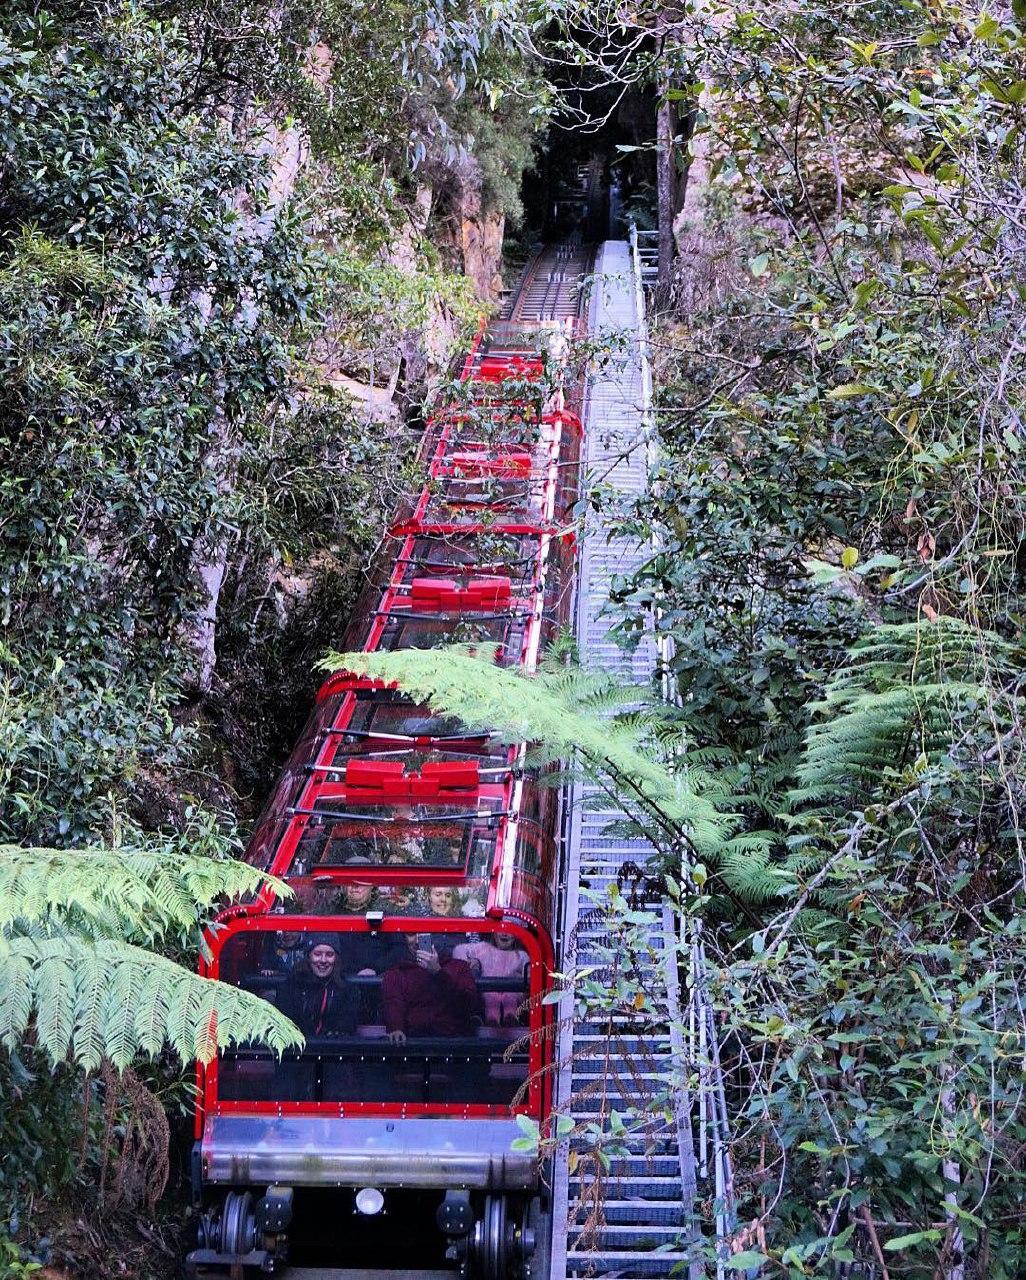 sydney scenic railway incline